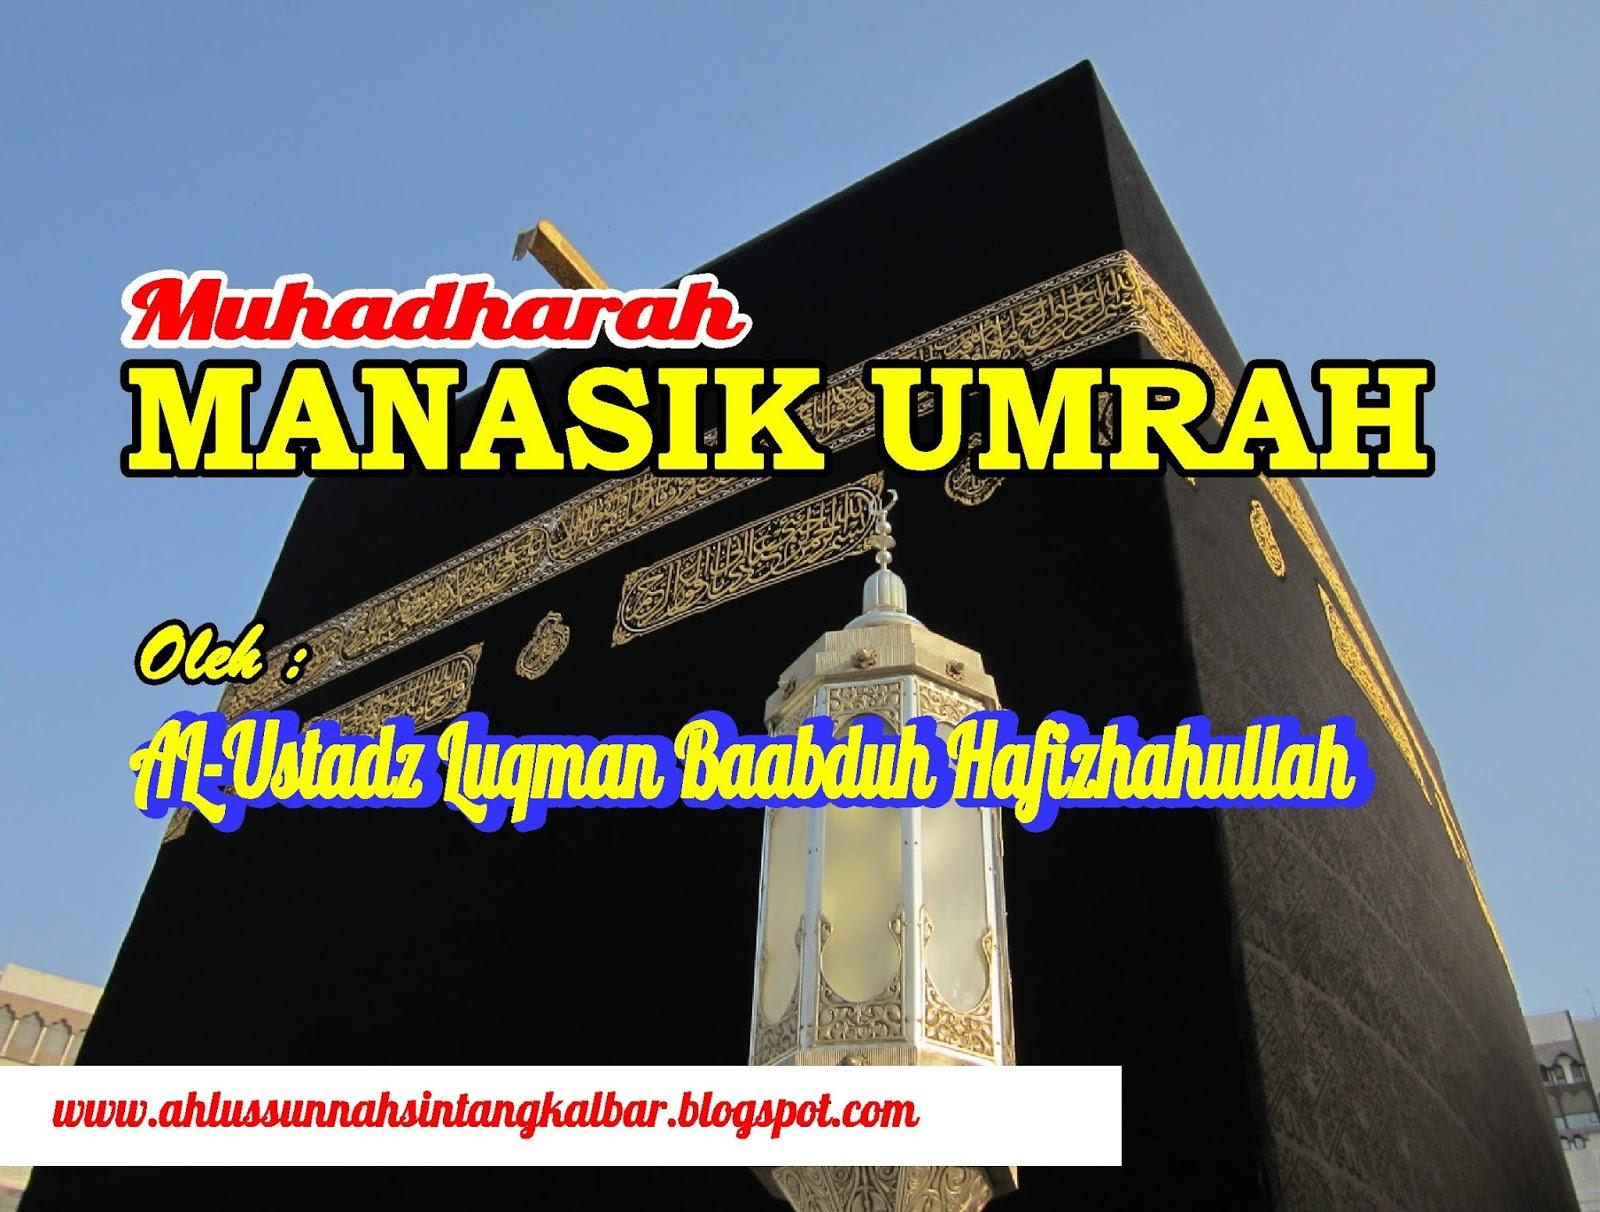 Manasik Umrah